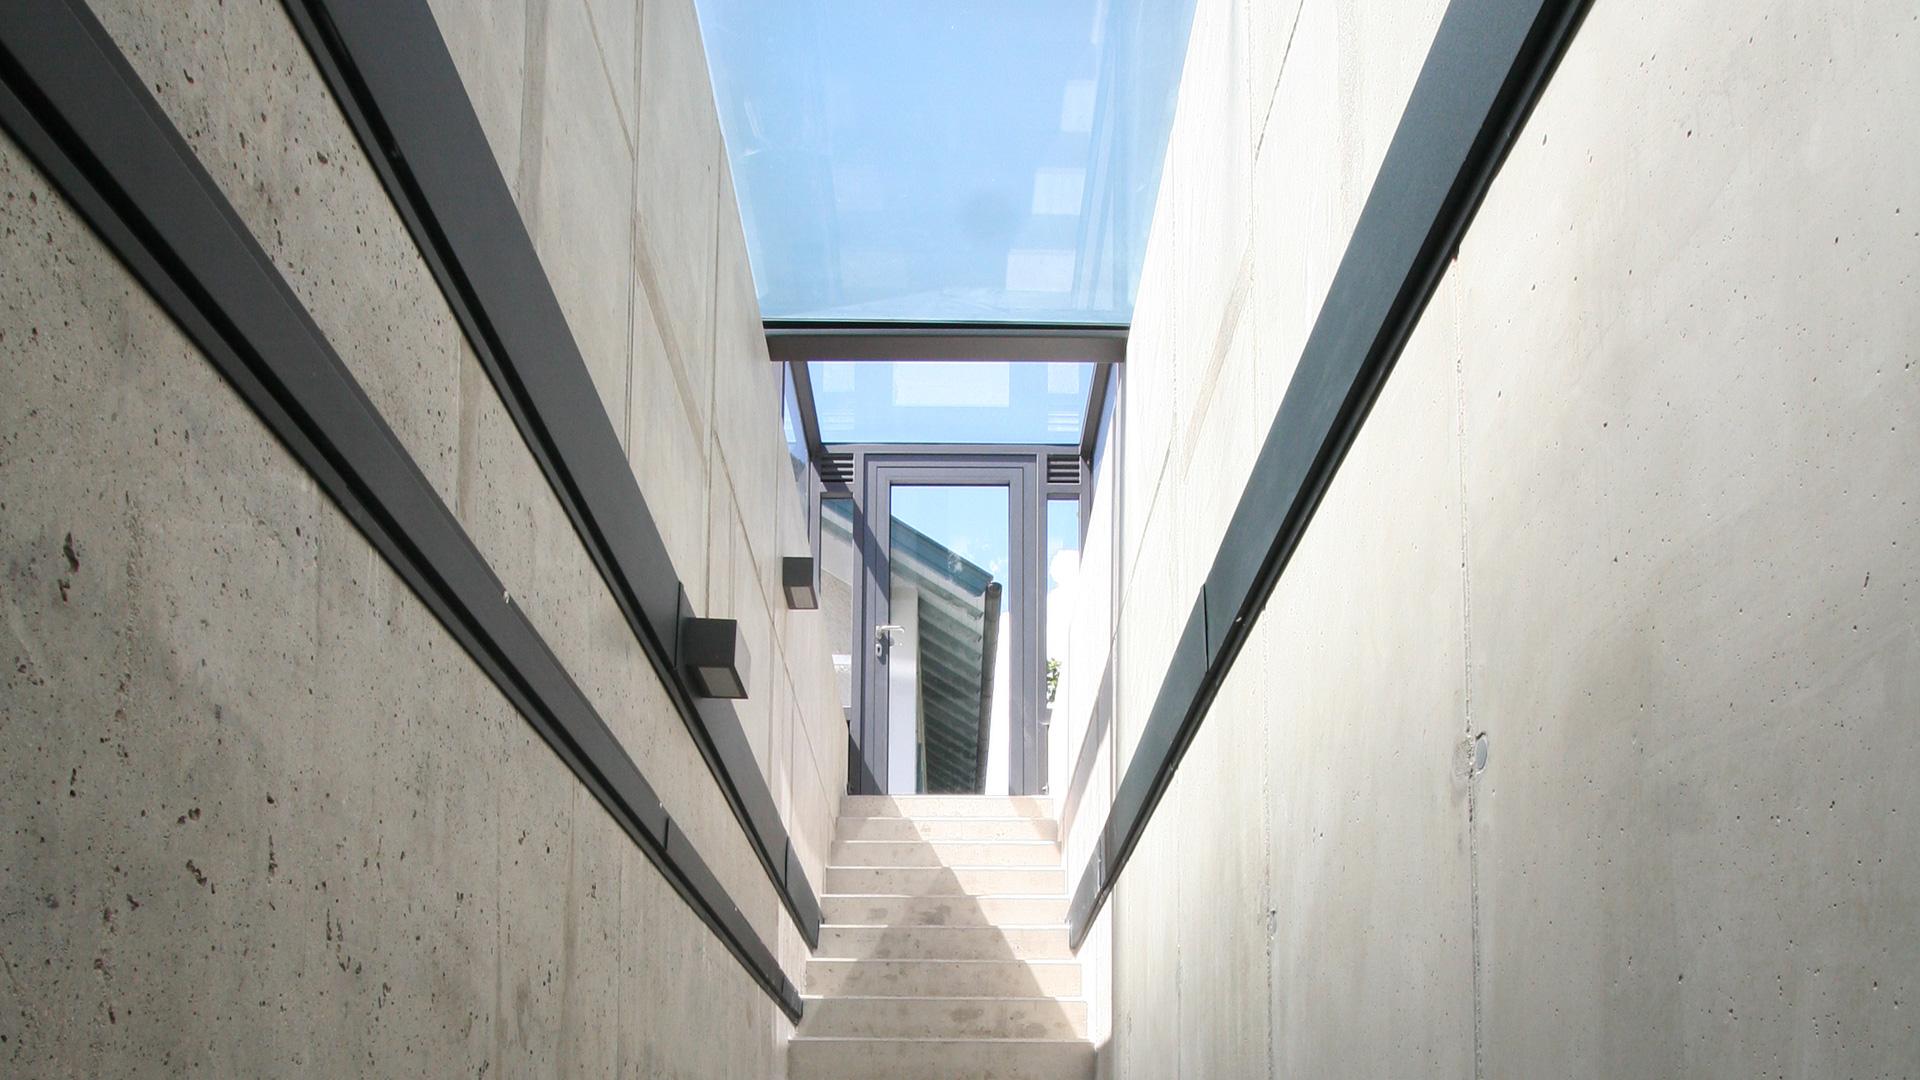 Überdachung, Treppenabgang